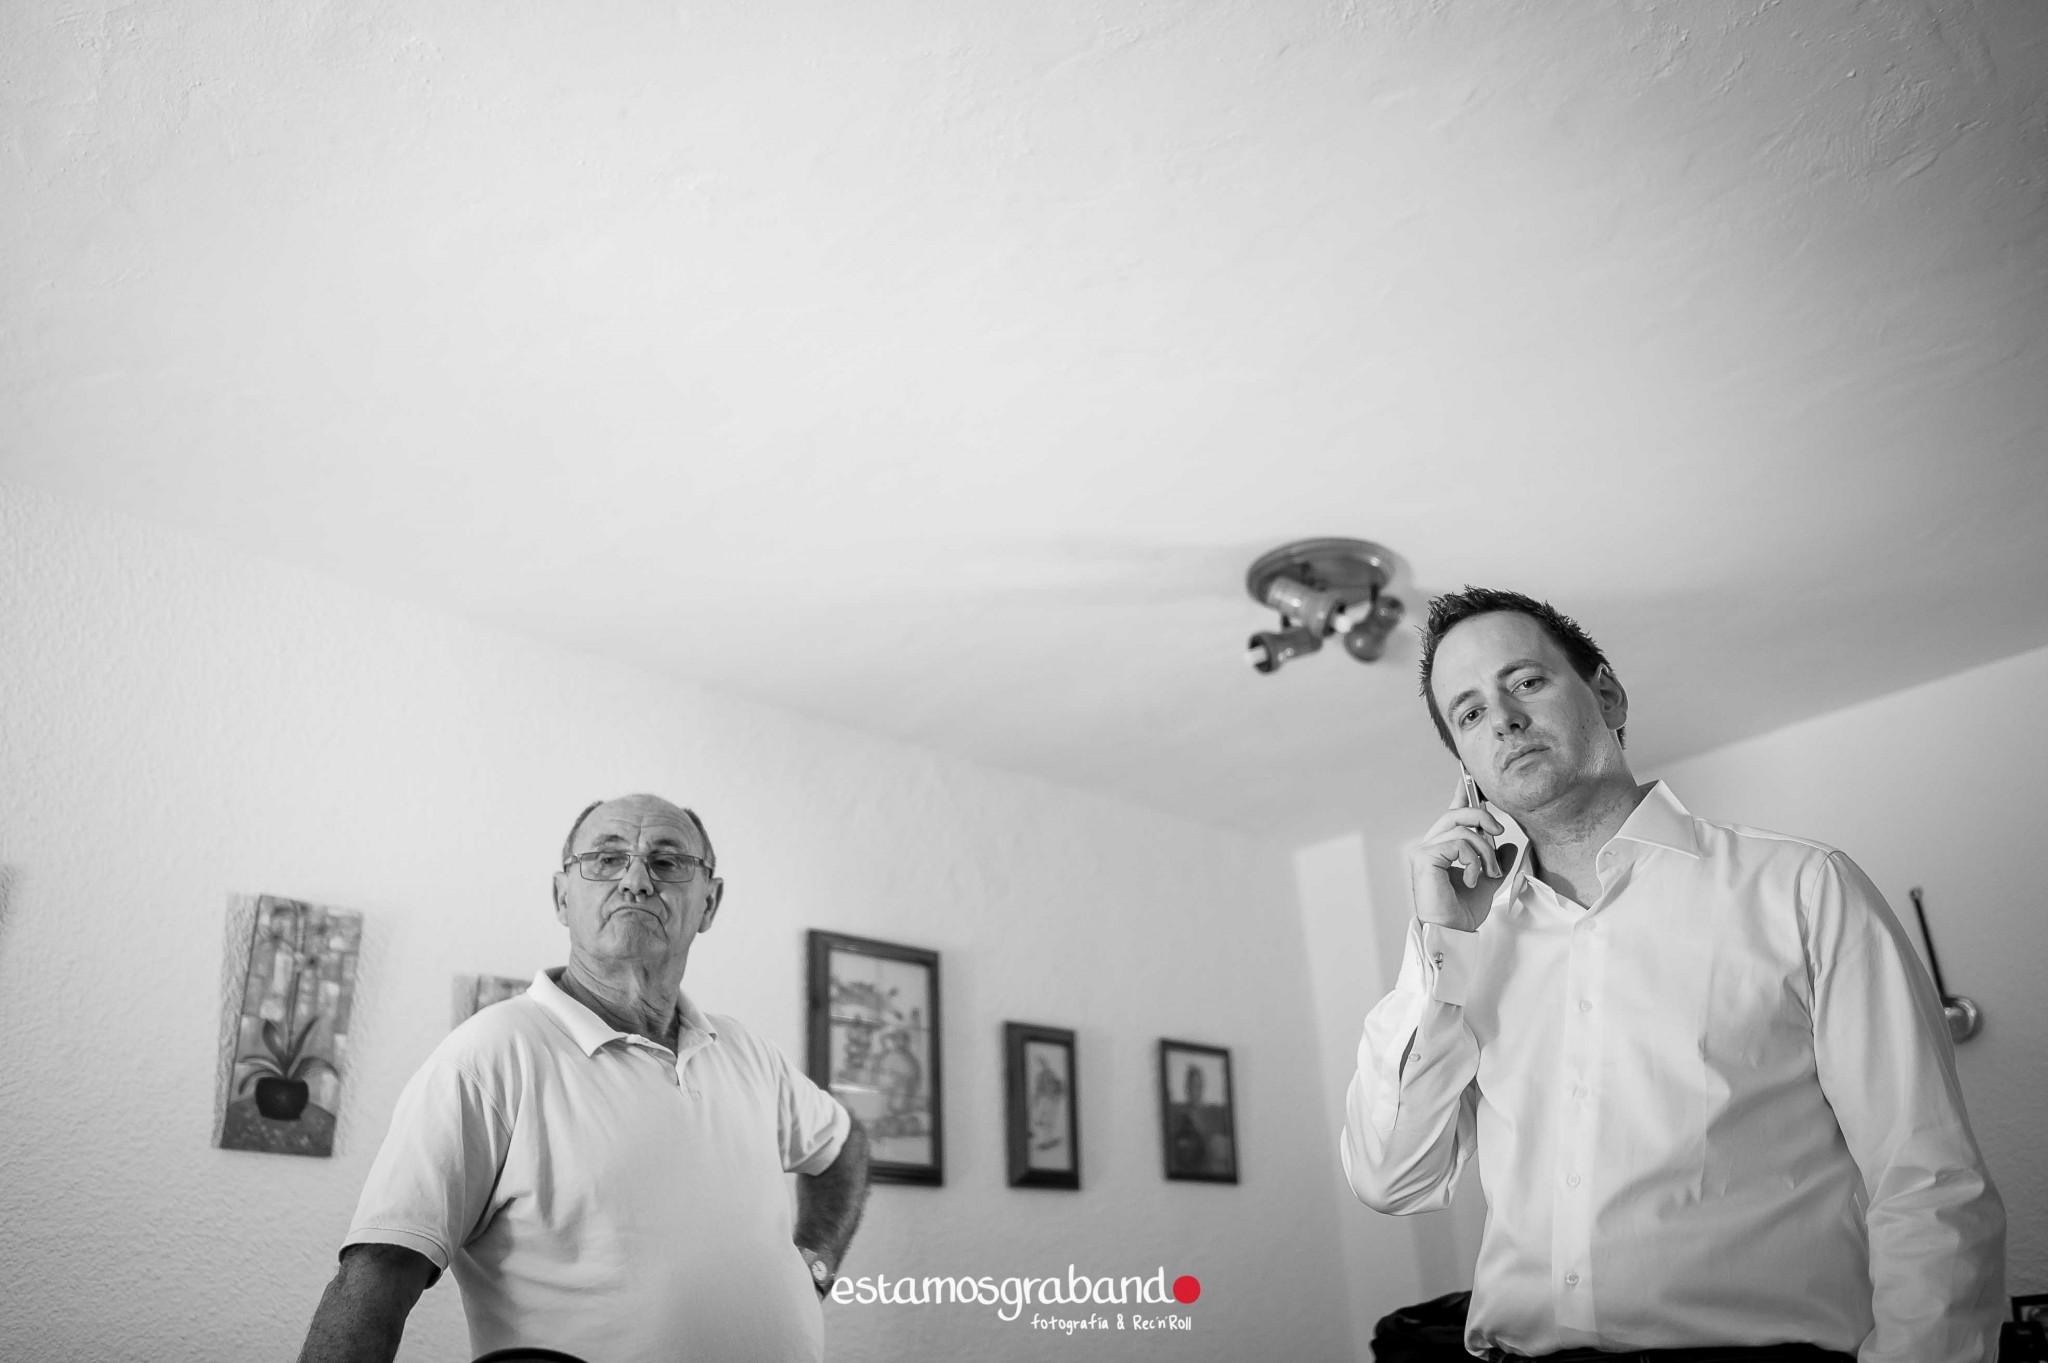 boda-en-chiclana_sonia-y-diego_fotograficc81a-de-boda-4 Zahara Sonia + Diego [Fotografía de Boda en Zahara] - video boda cadiz